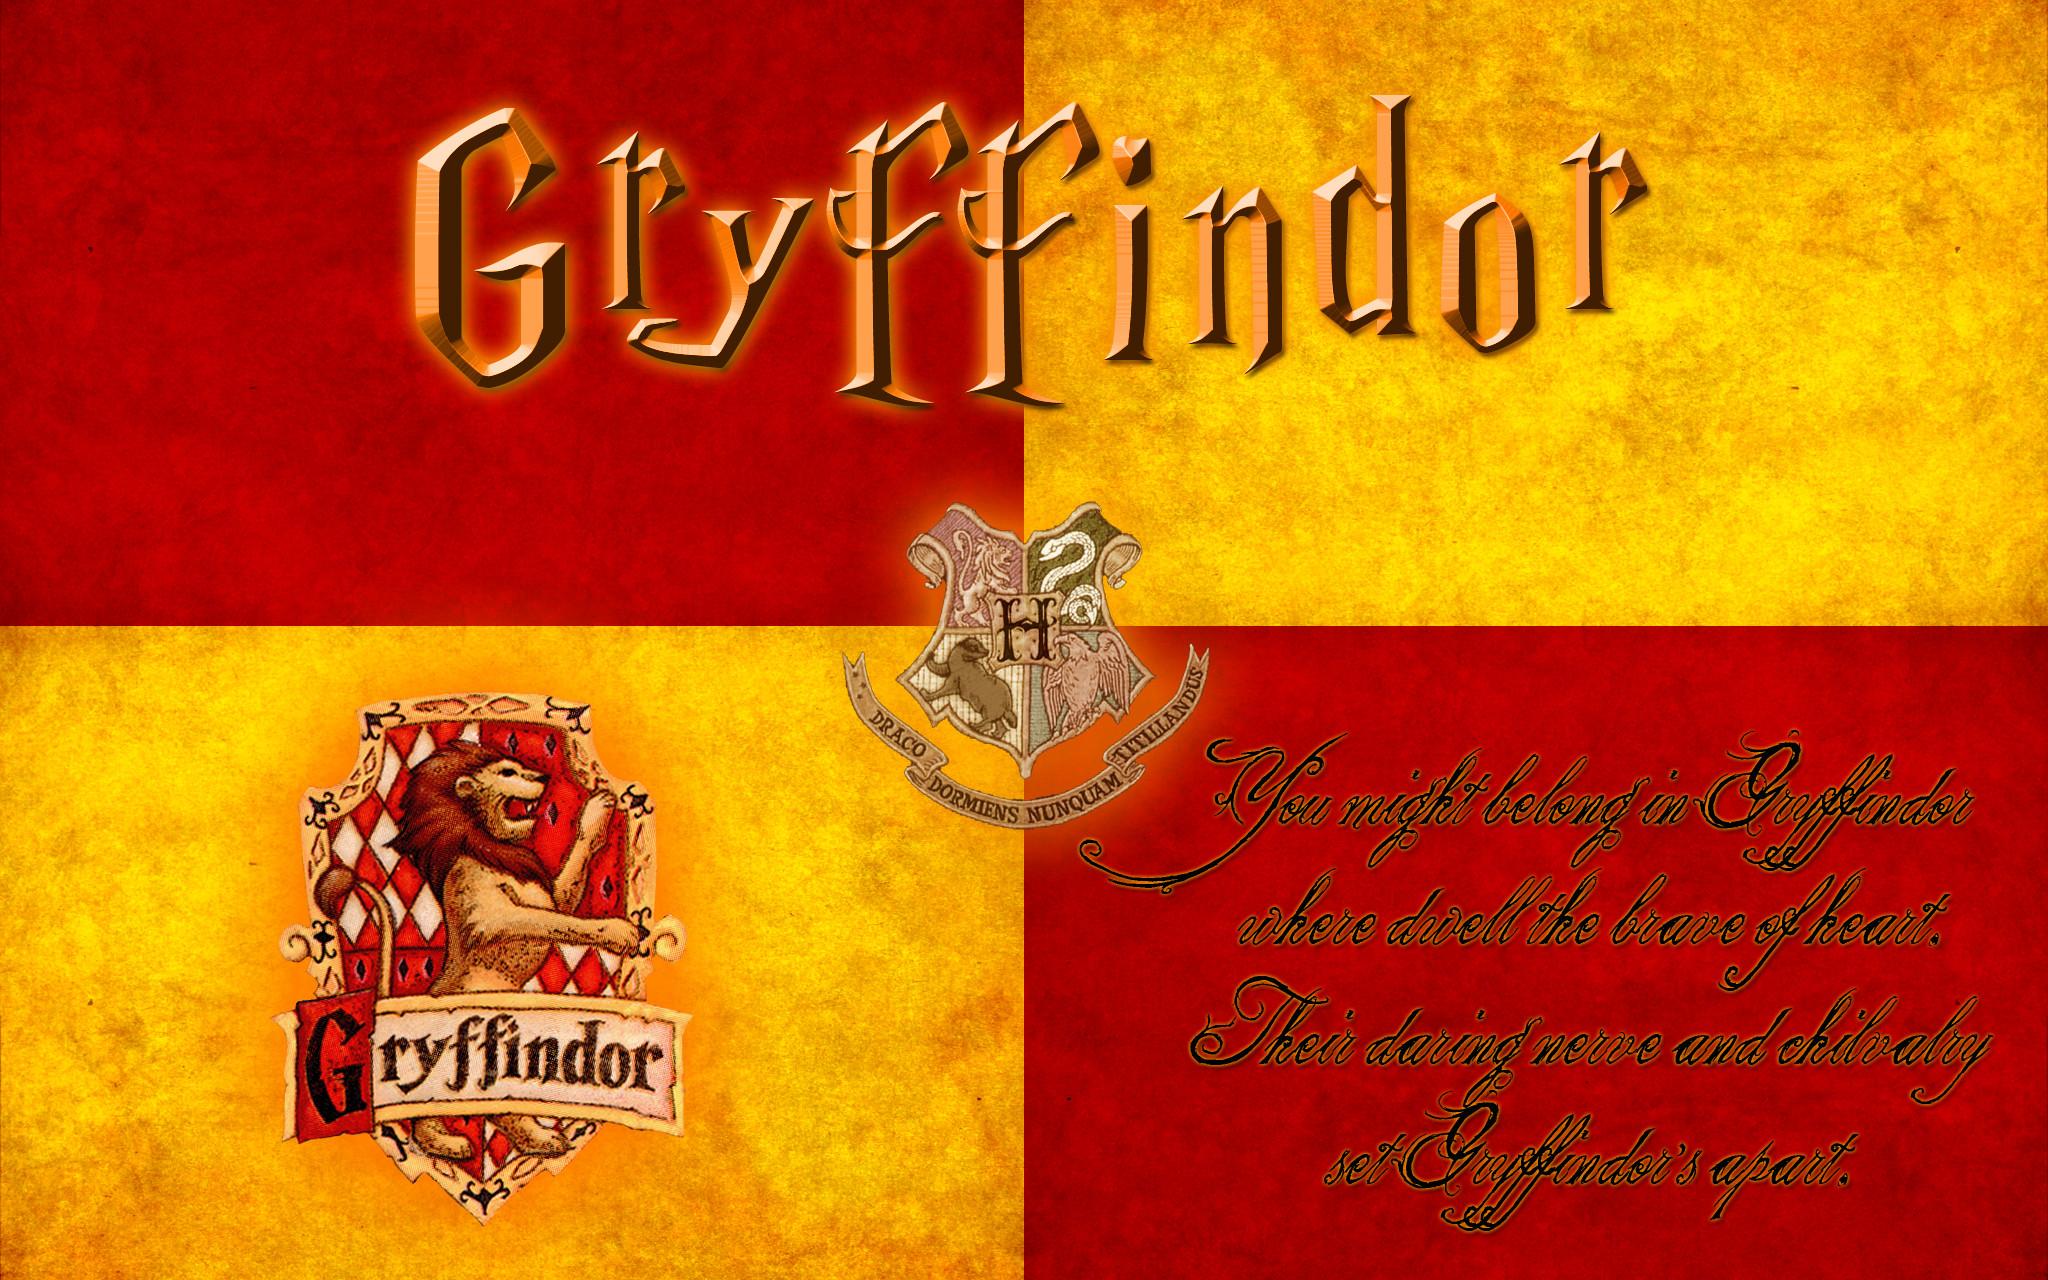 Harry Potter Gryffindor Wallpaper